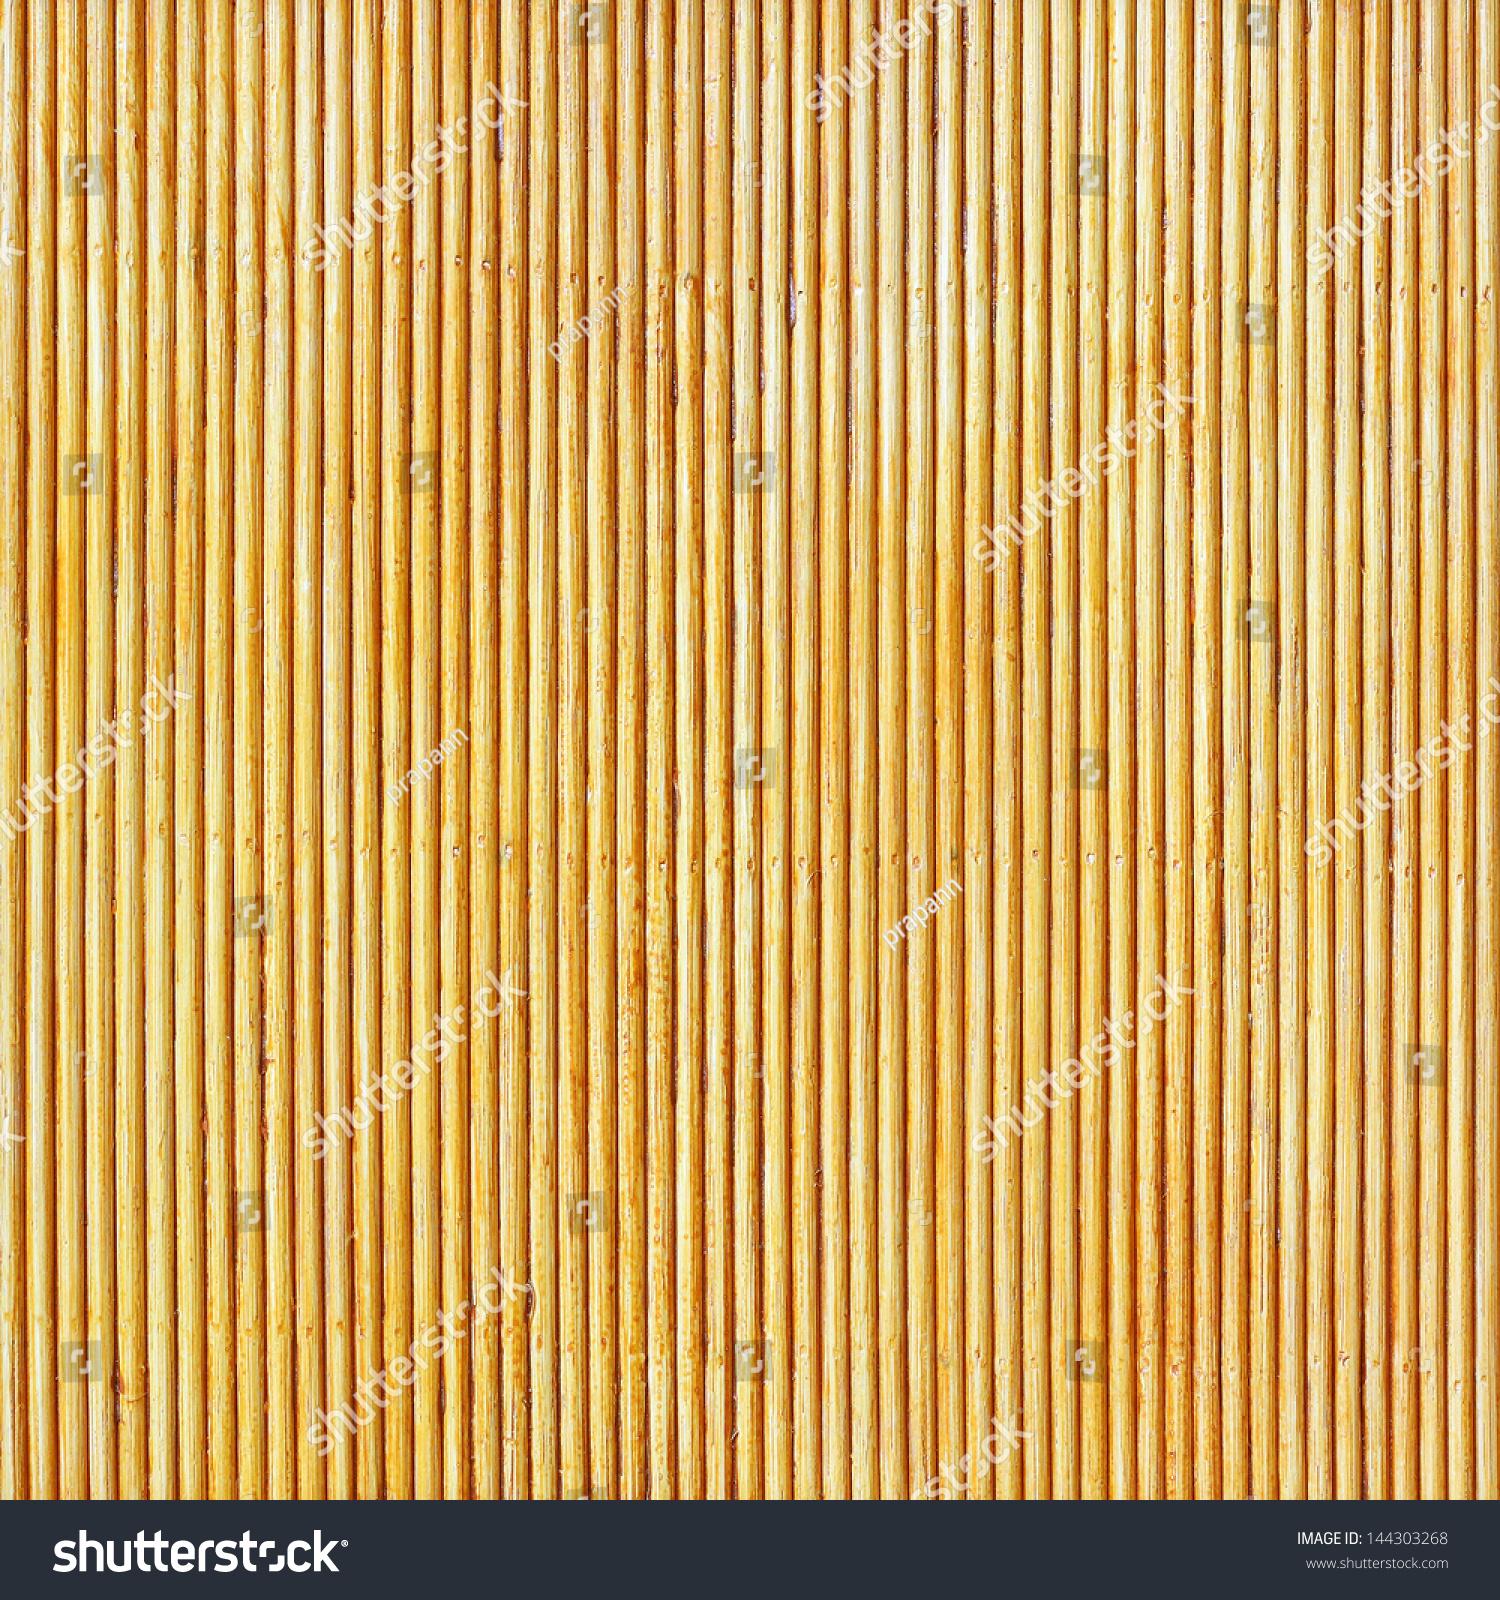 线下广告(杂志,报纸,目录,传单材料,优惠券等) ● 印刷品(名片,信纸